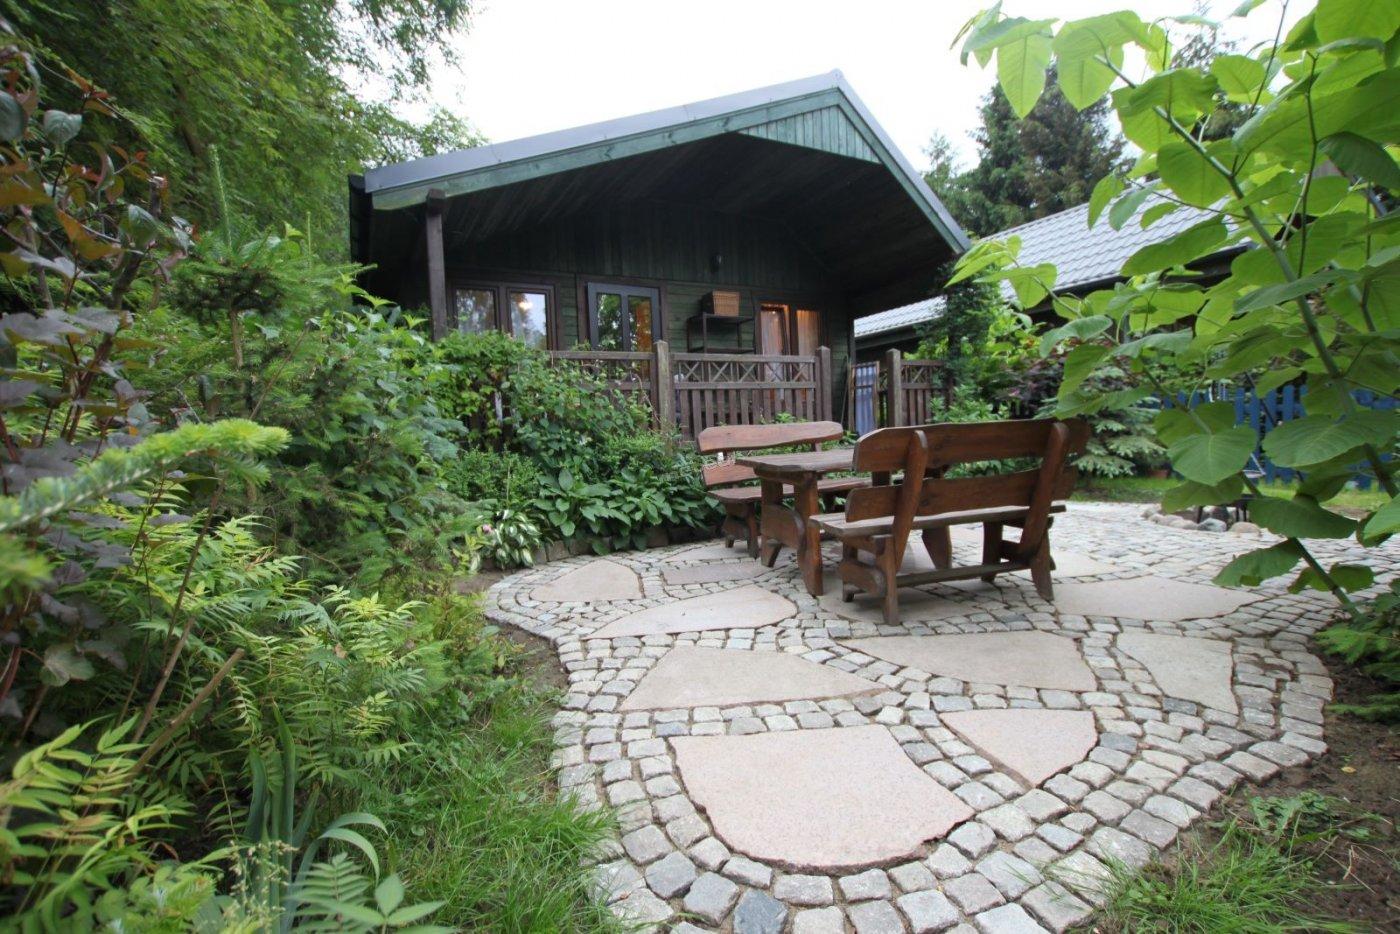 domki indywidualnie ogrodzone, 3 pokoje, 4-8 os